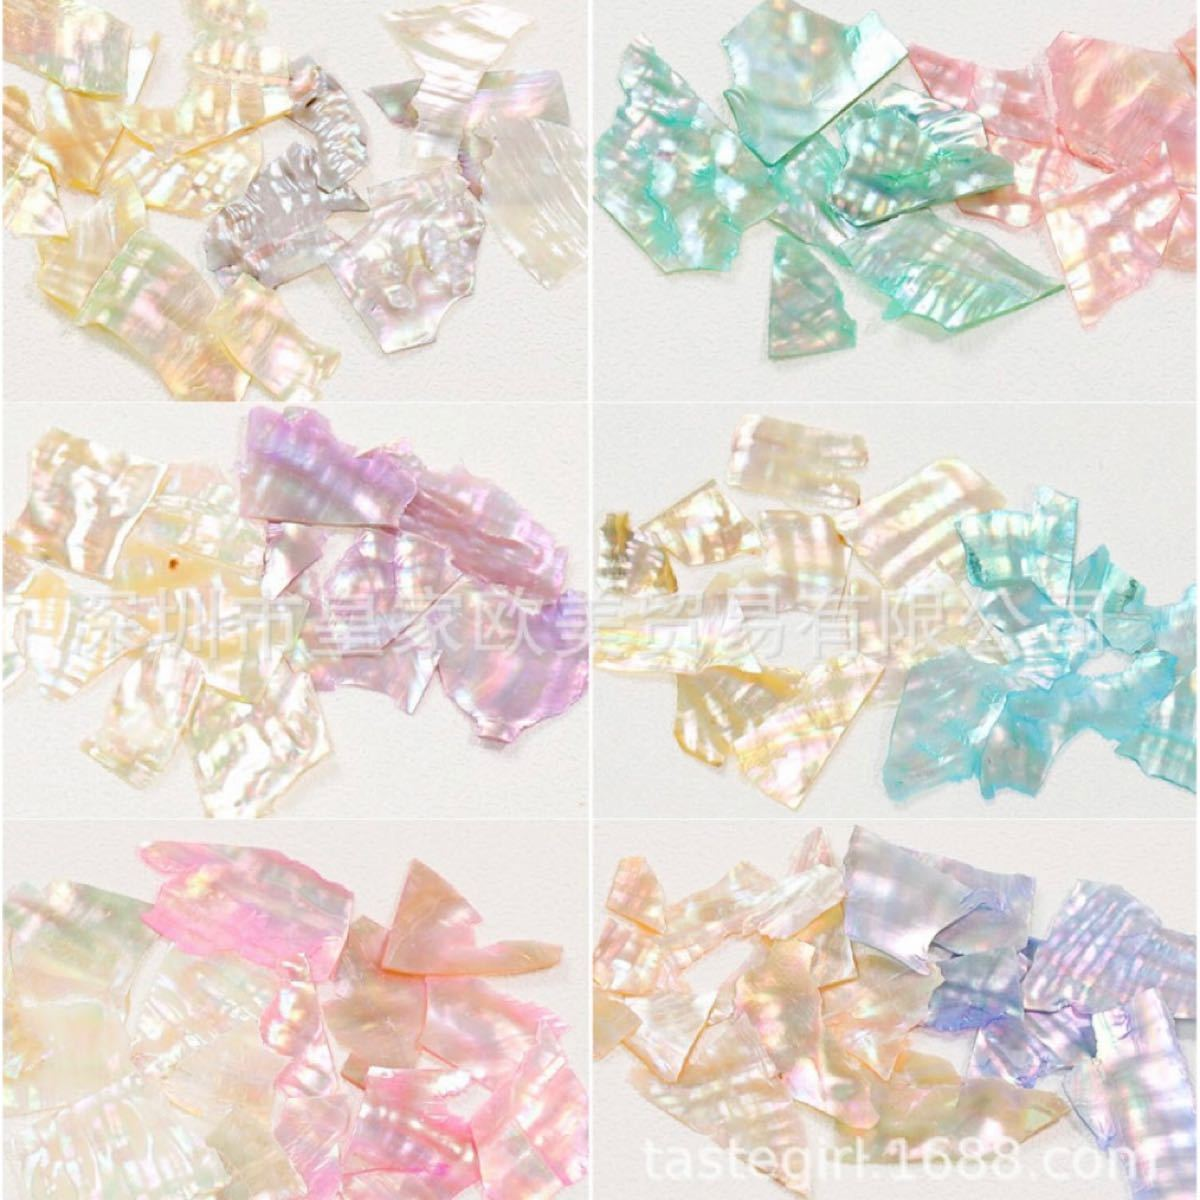 ネイル ネイル素材 シェル 貝殻 ジェルネイル ネイルチップ セルフネイル ネイルチップ ジェルネイルシール ネイルパーツ ジェル